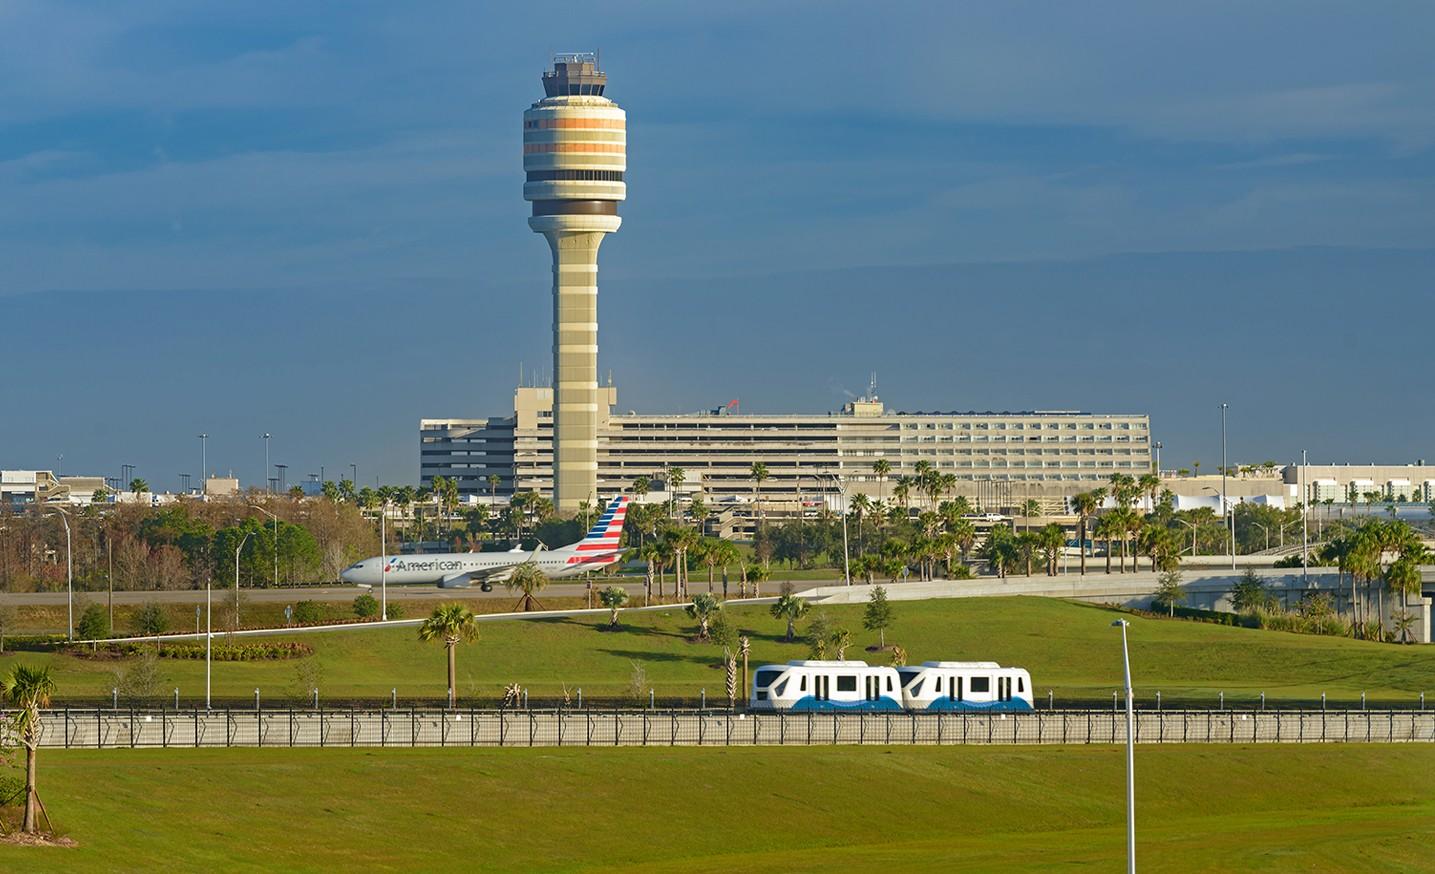 有空中交通管制塔、自动化载客系统和登机口的北航站楼